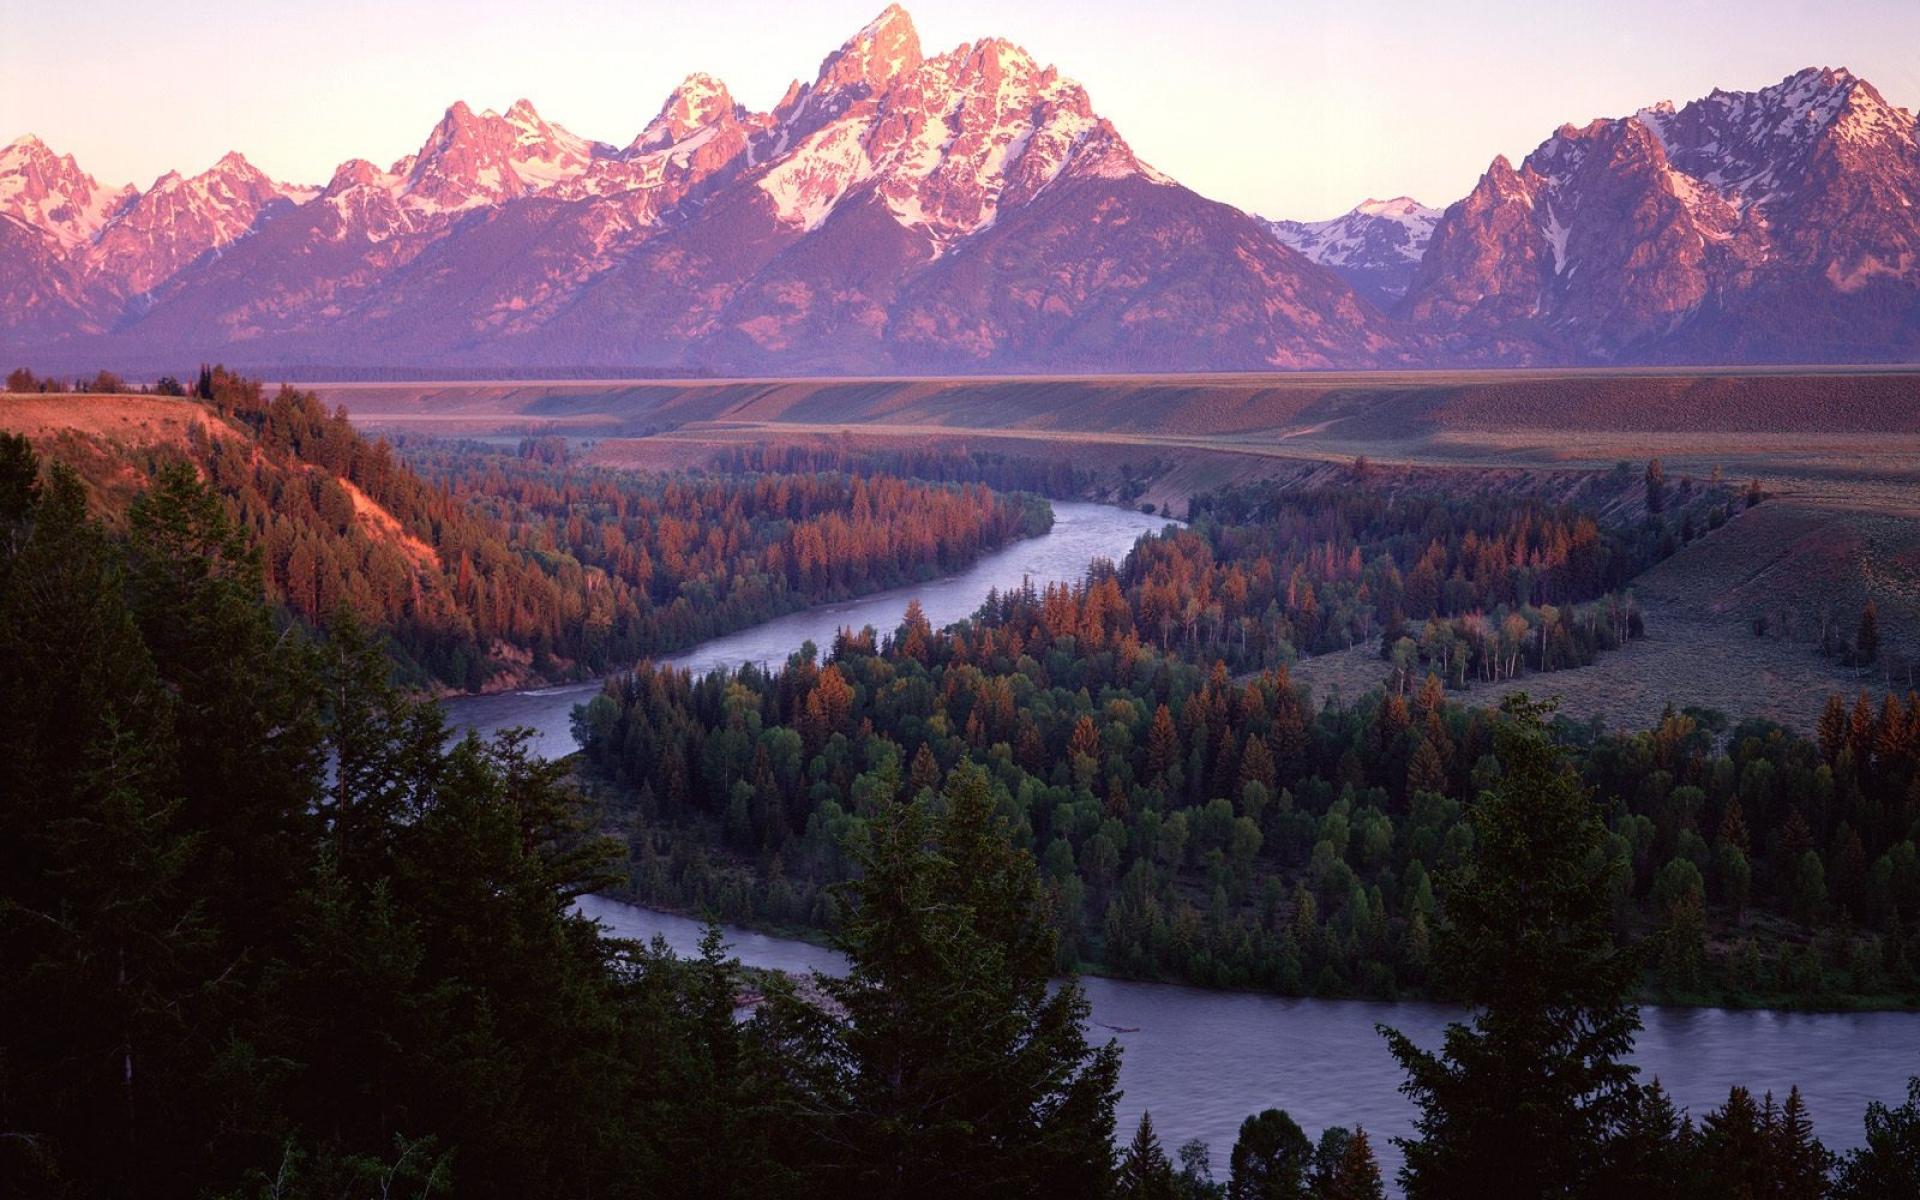 Картинки Горы, река, деревья, изгибы, хвойные фото и обои на рабочий стол